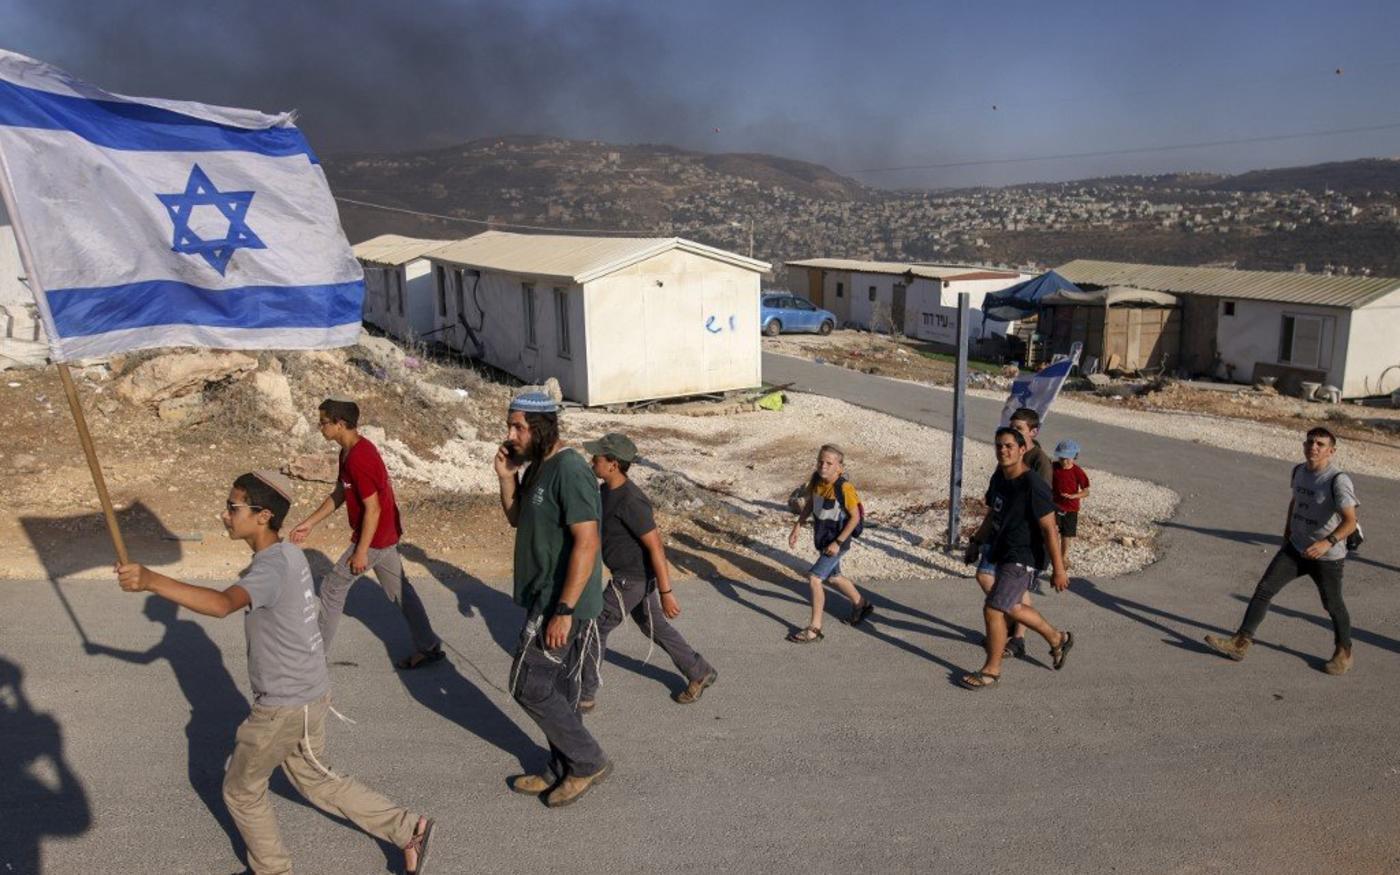 Des colons israéliens défilent dans un nouvel avant-poste (colonie illégale selon le droit israélien) en Cisjordanie occupée, le 21juin2021 (AFP)